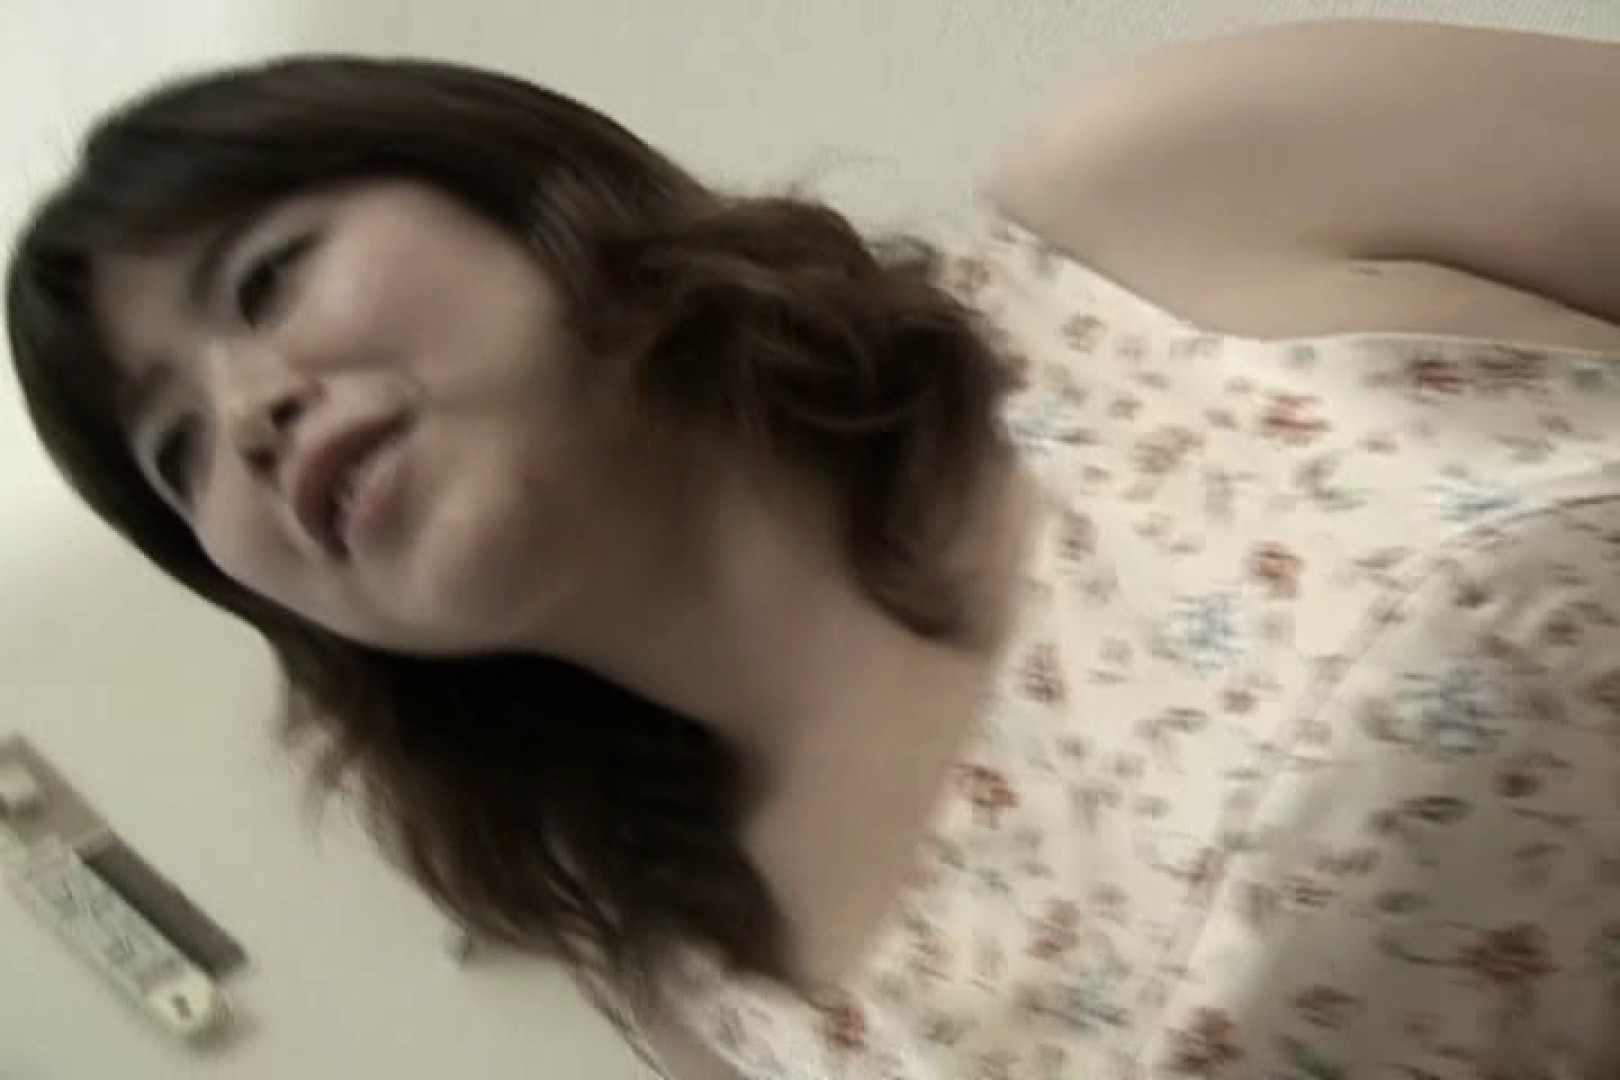 未婚の熟女、だれか慰めて~米田あさみ~ 素人のぞき AV無料動画キャプチャ 83pic 22